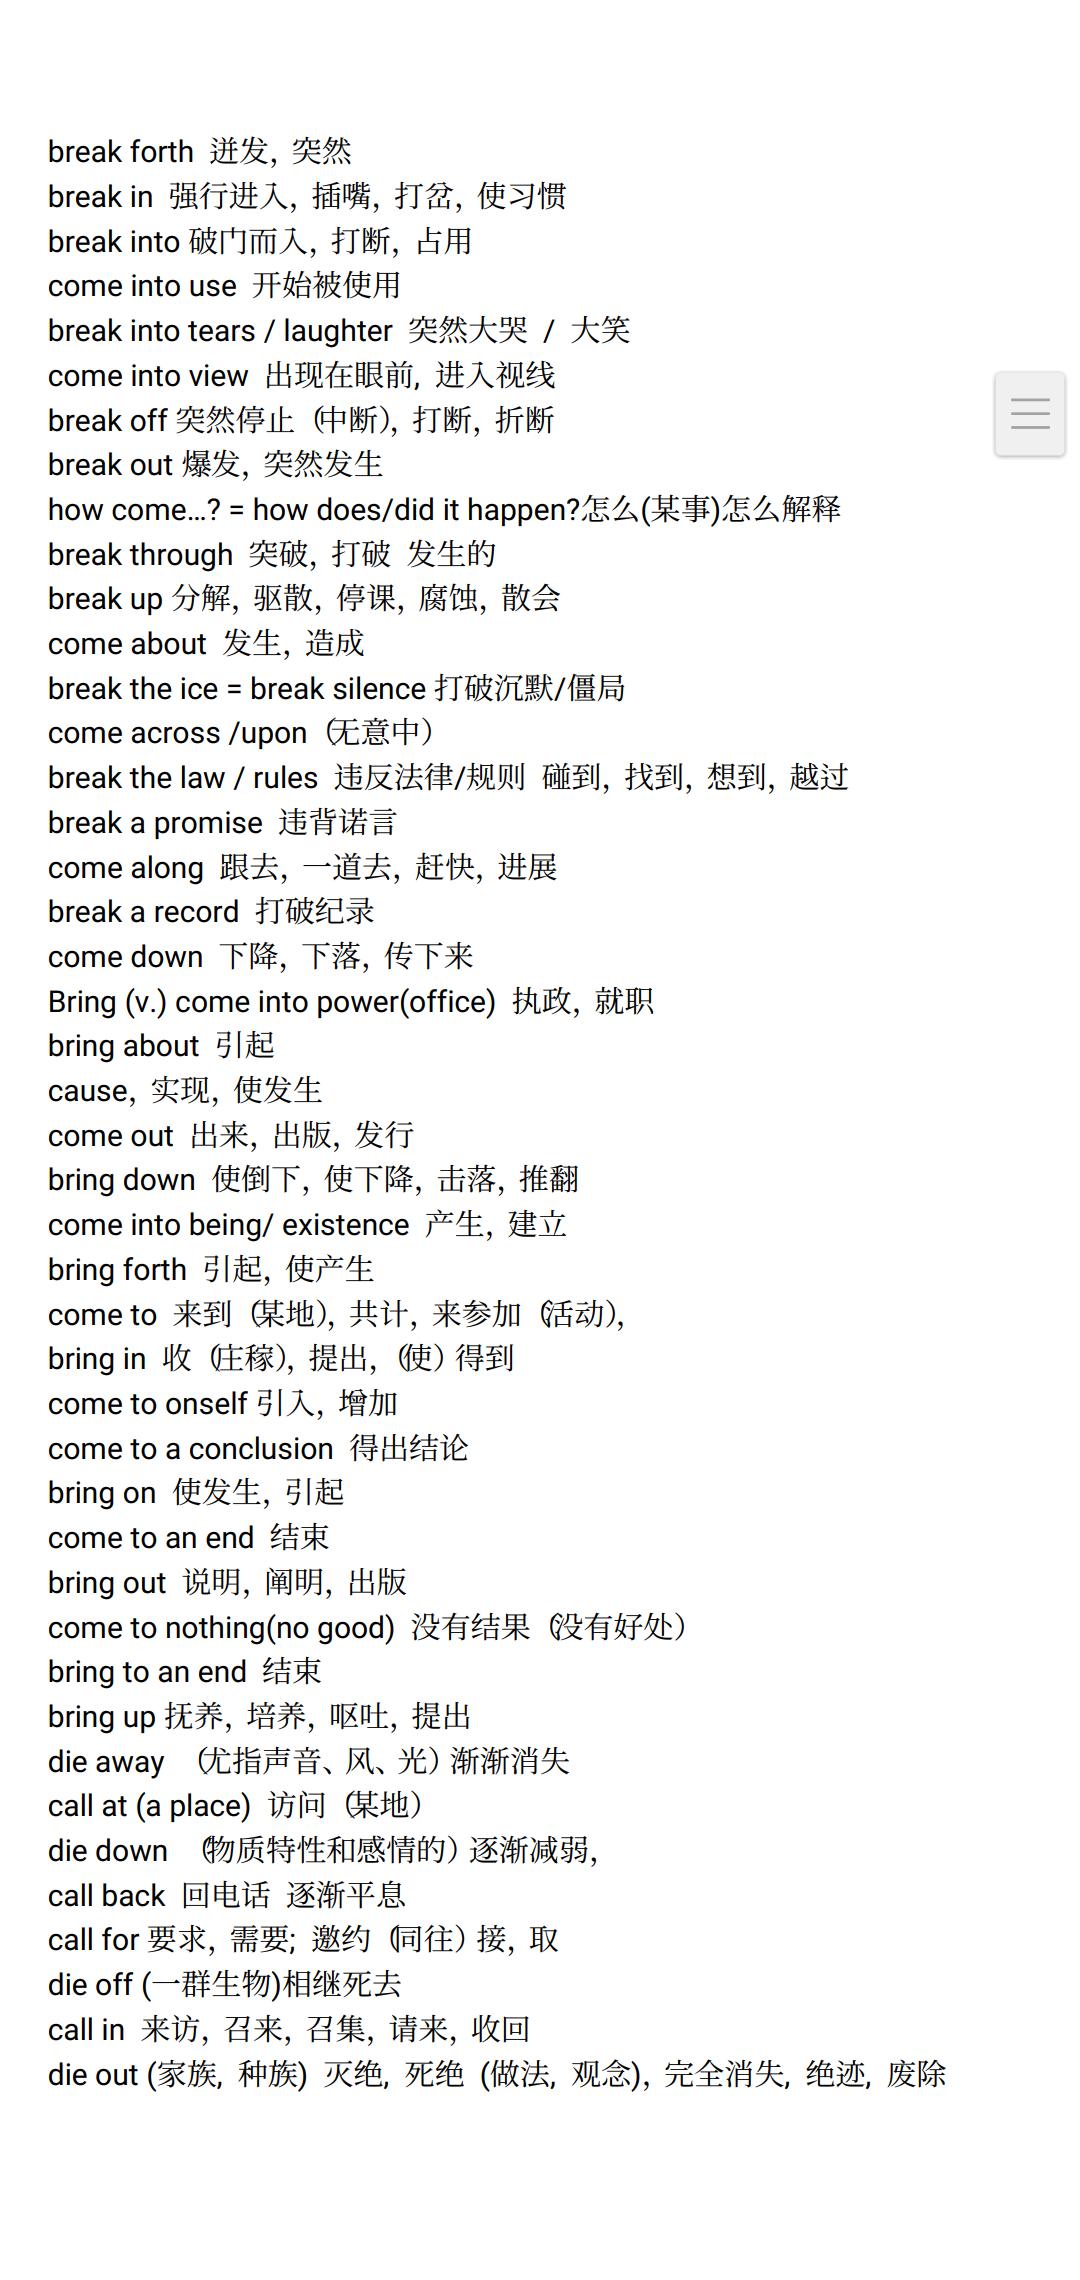 Screenshot_2019-08-12-17-39-30-955_cn.wps.moffice_eng.png